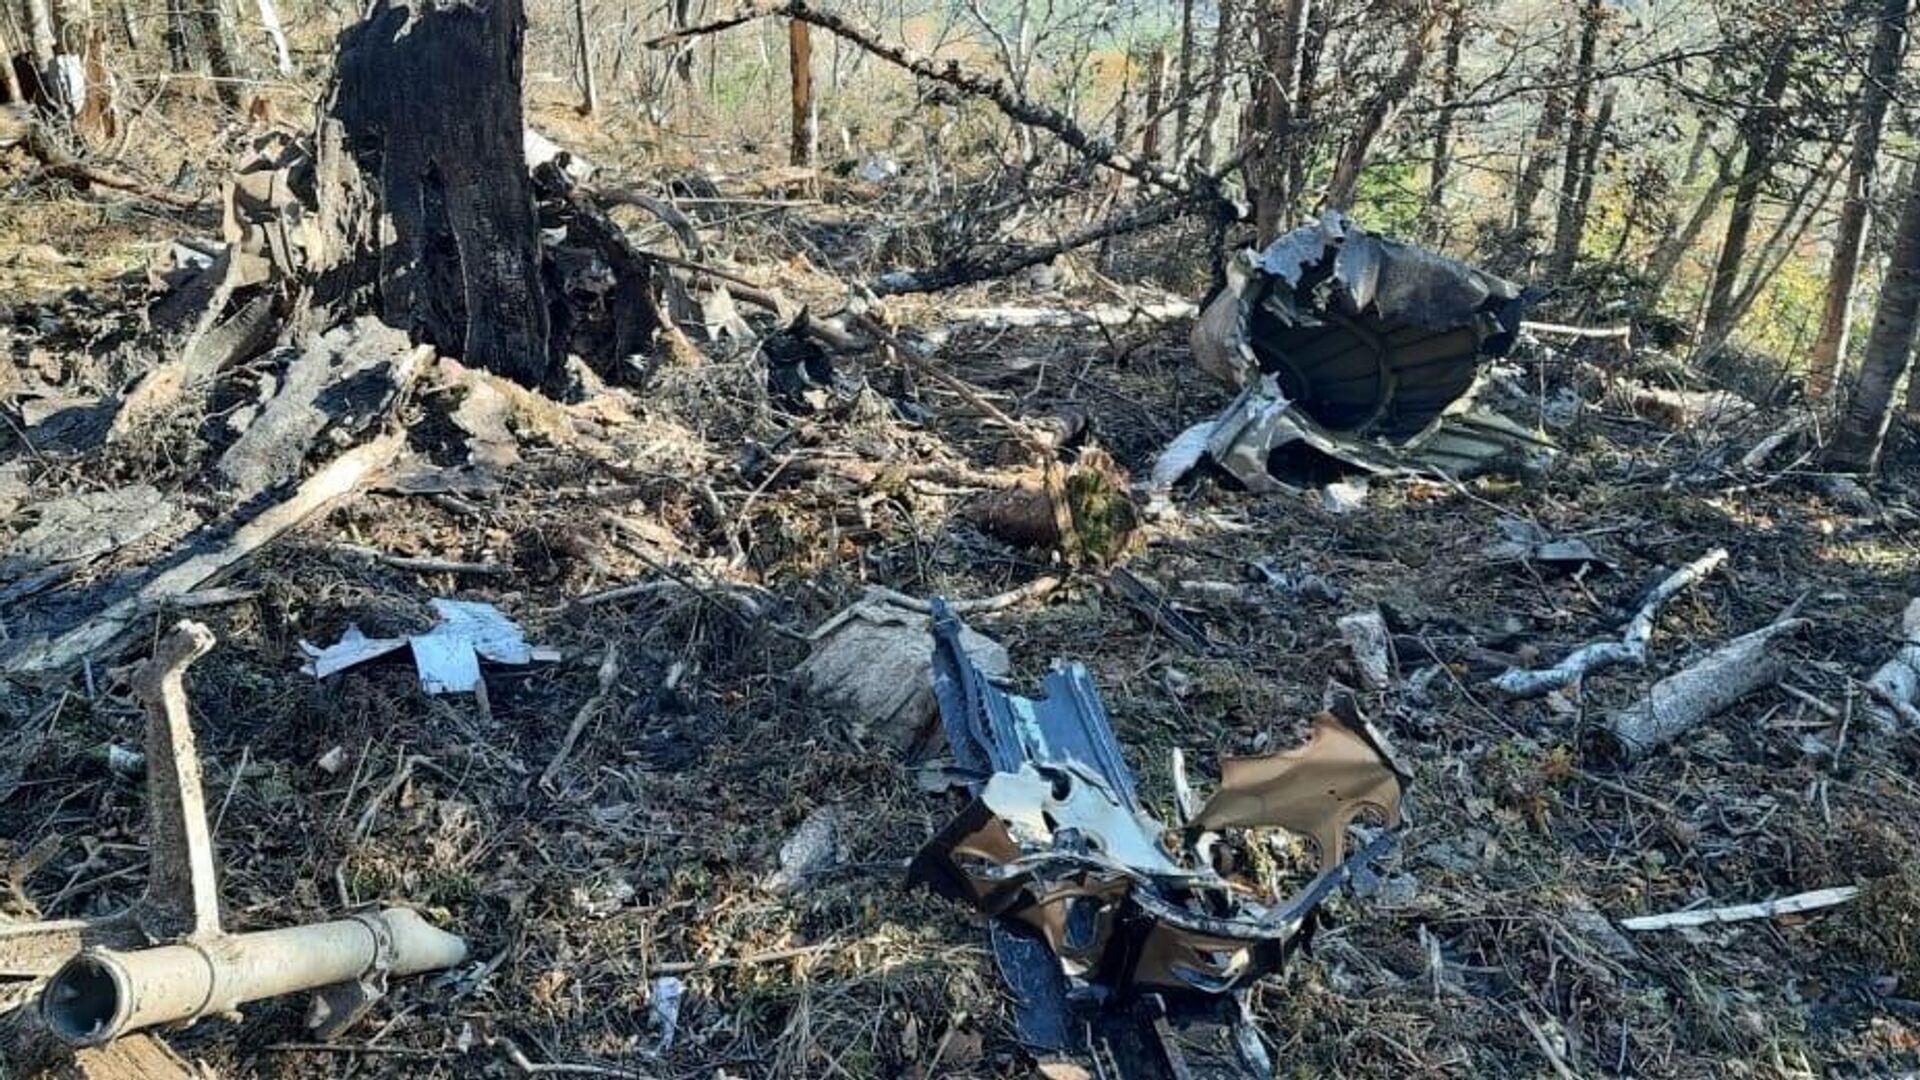 Полковник, поручивший перегнать разбившийся на Кубани Ми-28, получил срок